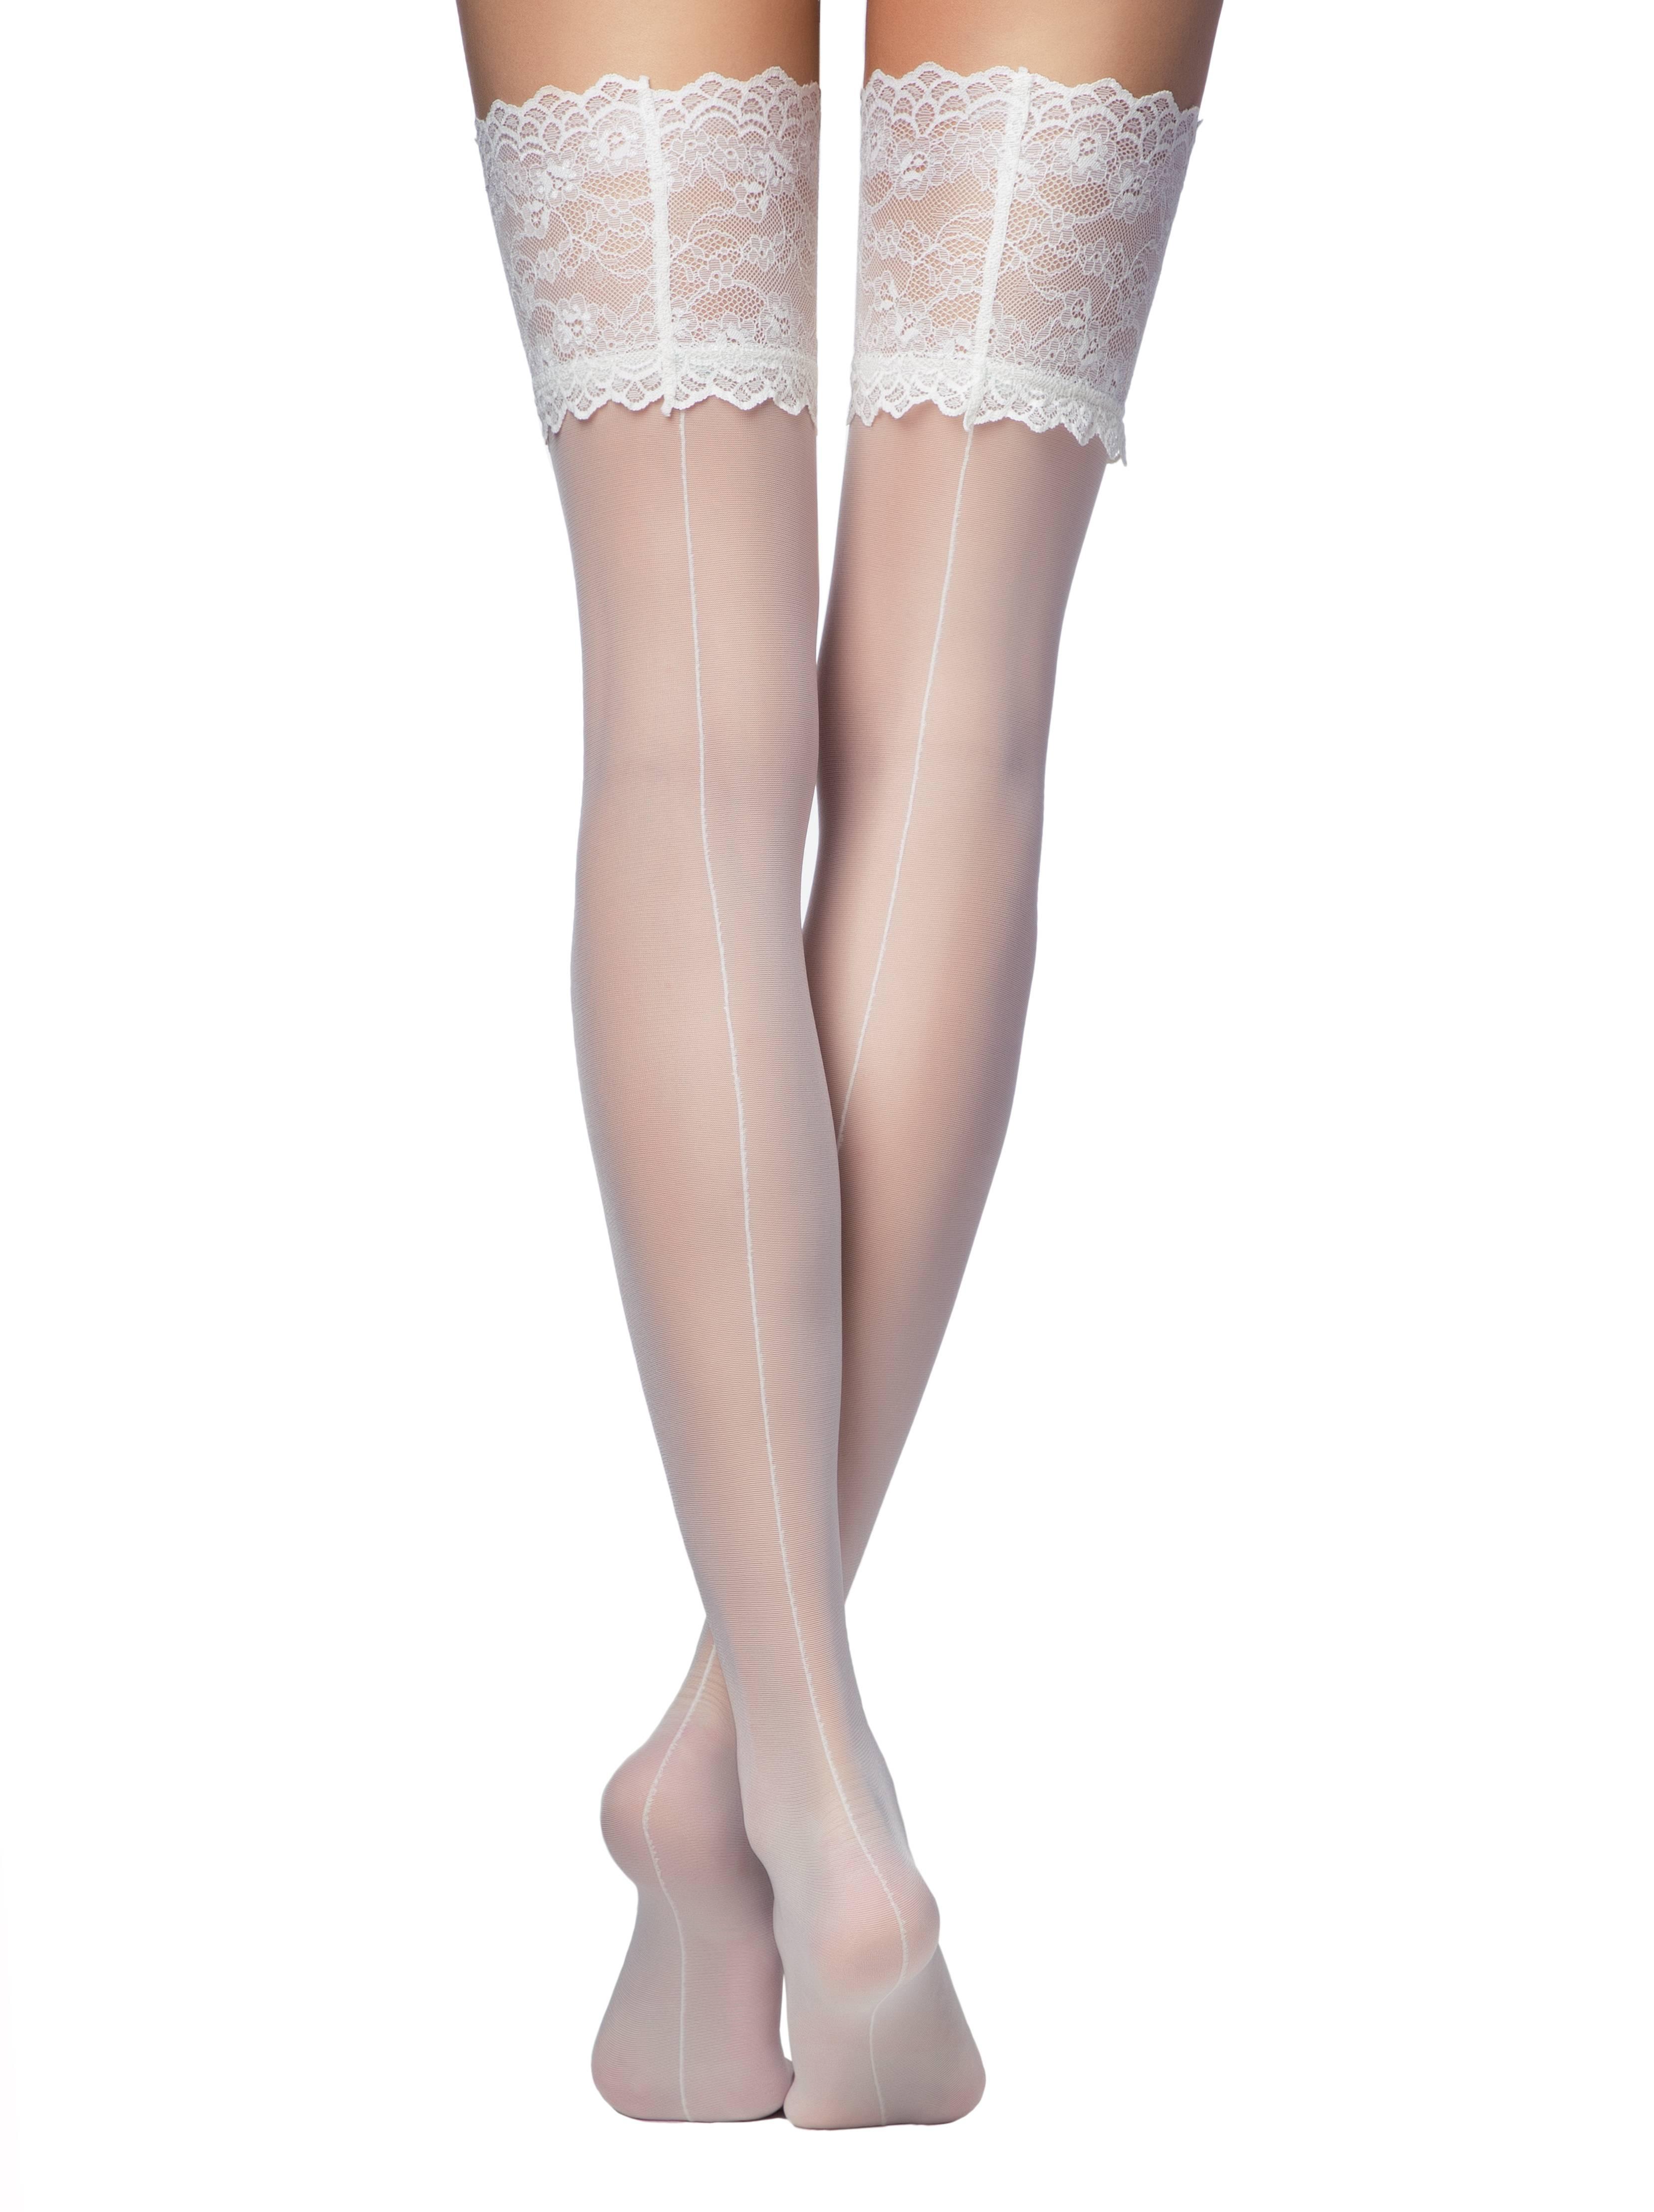 Чулки женские ⭐️ Свадебные чулки с широкой ажурной резинкой DELUXE ⭐️